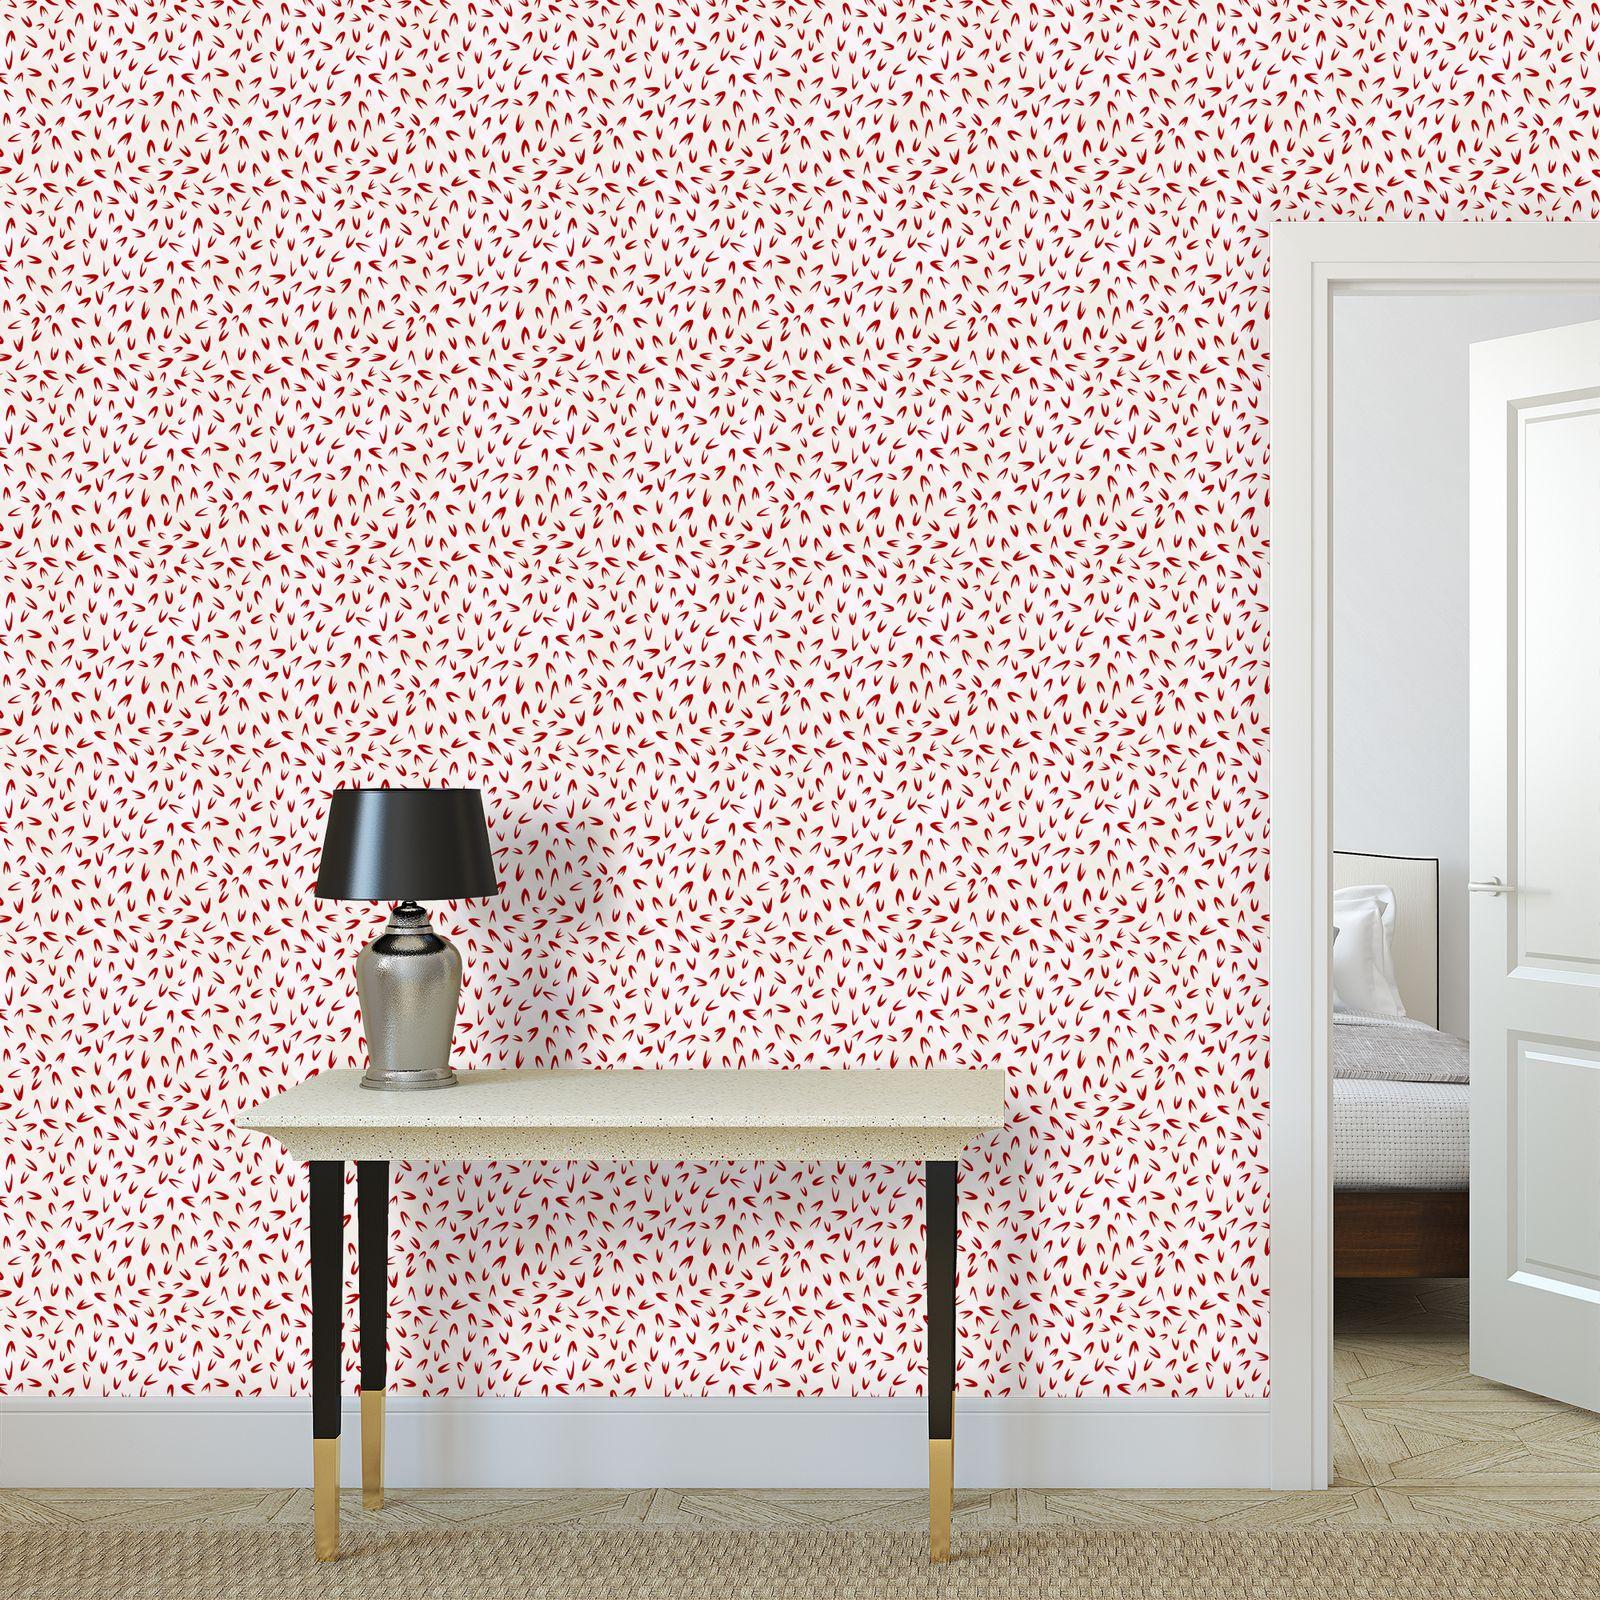 Summer disarray - Wallpaper Rolls.- Tiana Lofd design